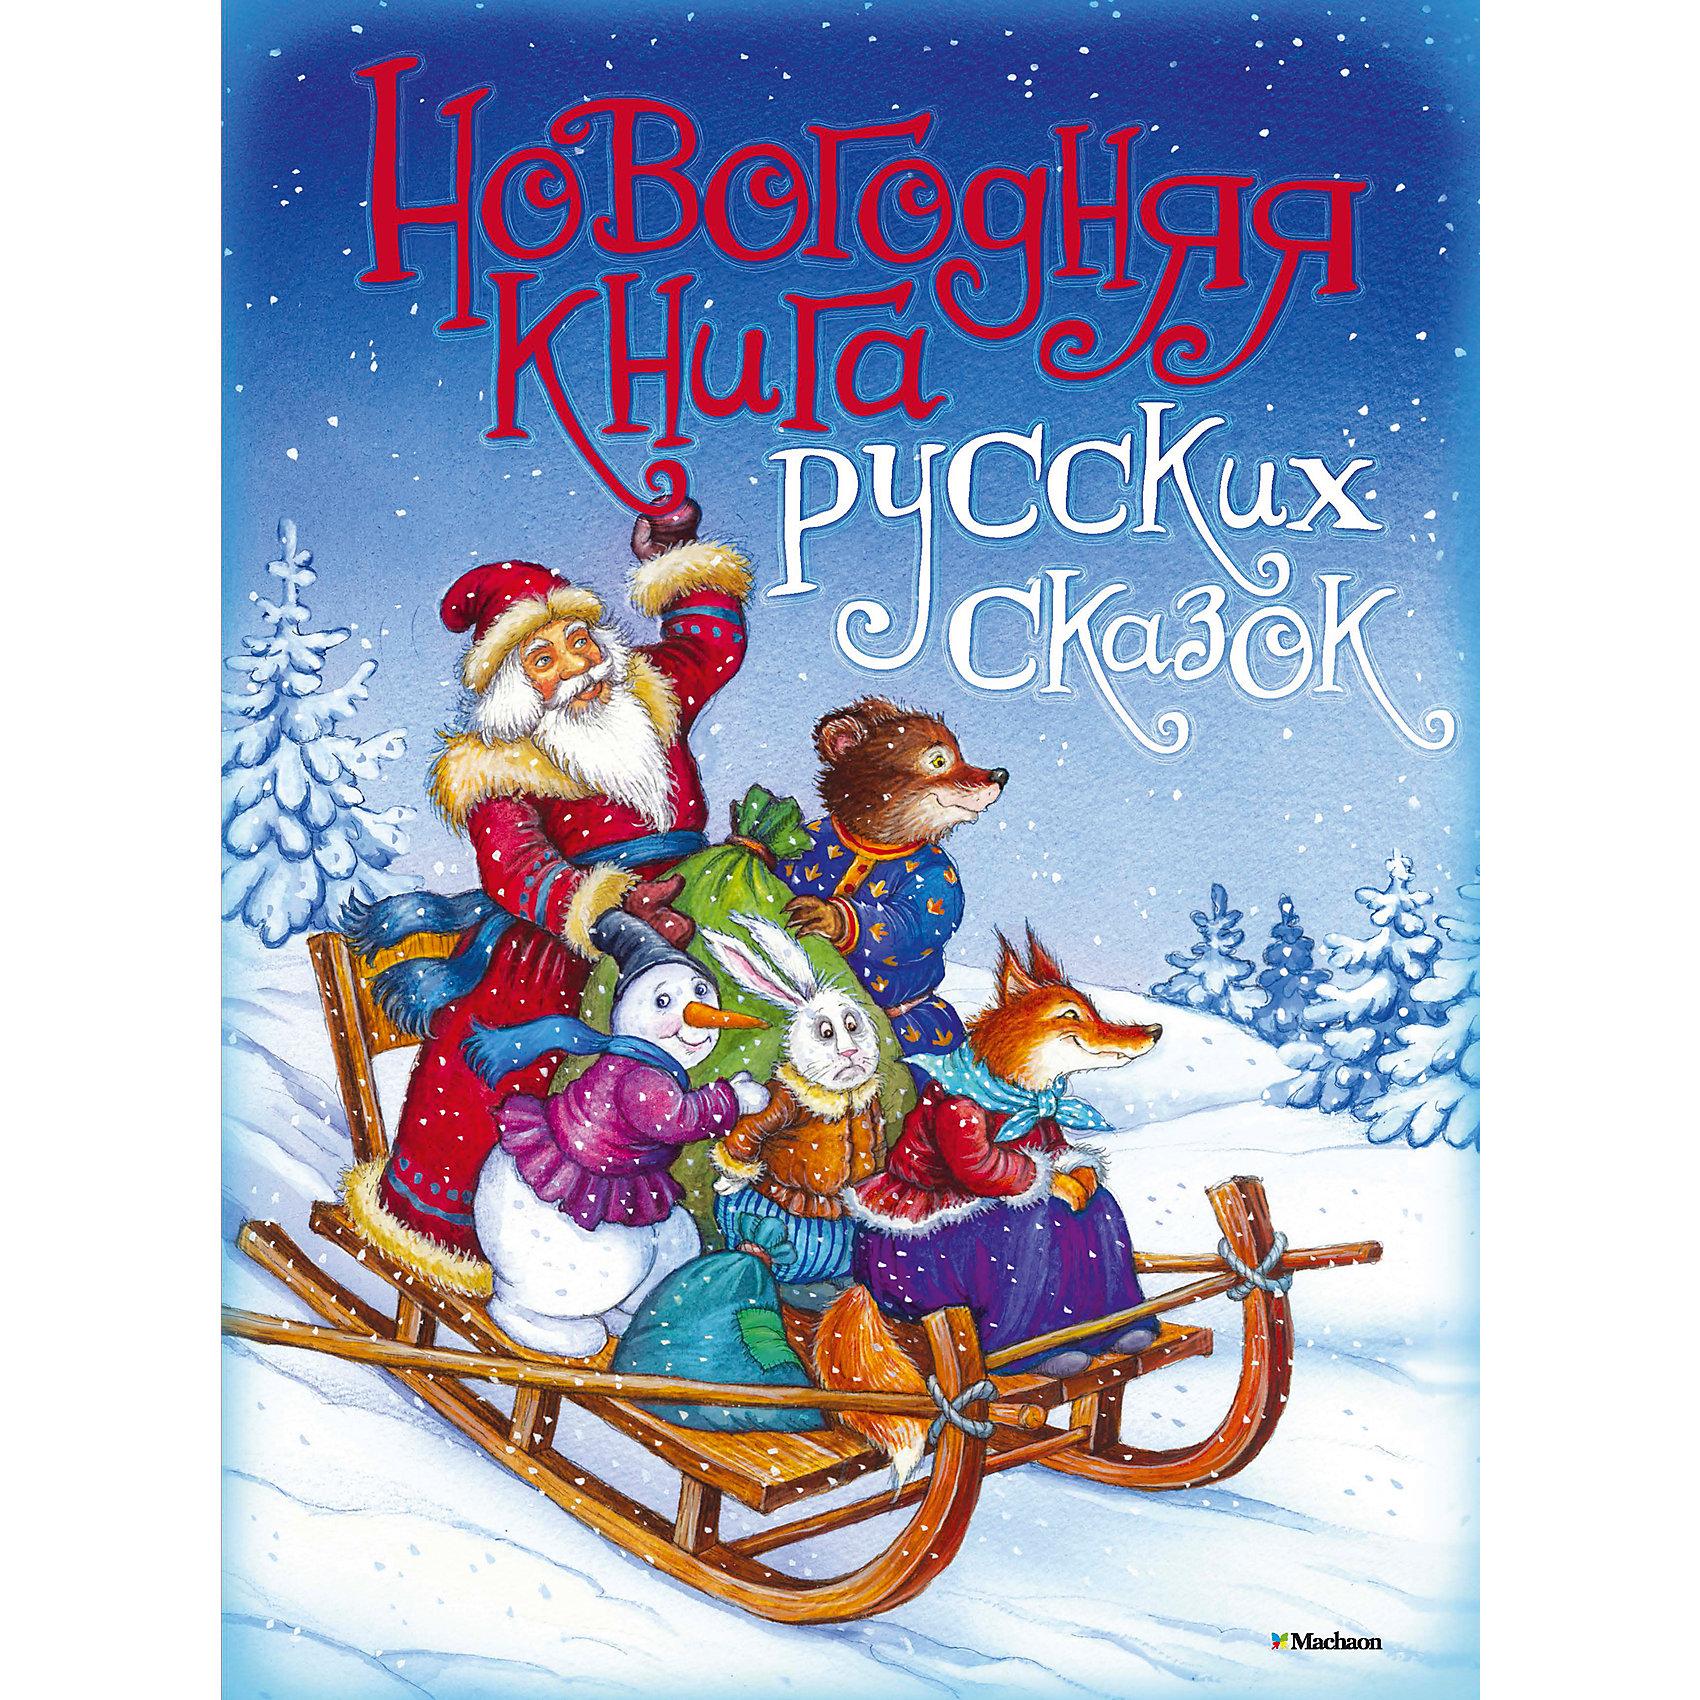 Новогодняя книга русских сказокПройдёт совсем немного времени, Новый год постучится к нам в дверь, и начнётся волшебный праздник! Он принесёт столько радости, счастья, веселья! Нарядная ёлка, хороводы, карнавальные представления, сюрпризы… Дед Мороз и Снегурочка подарят детям много-много подарков, и одним из самых любимых непременно станет эта замечательная книга — настоящая сокровищница известных русских сказок.<br><br>Вот так подарок!<br><br>Сказочного Нового Года!<br><br>Дополнительная информация:<br><br>Серия: Новый год<br>Автор: <br>Формат: 210х285 мм .<br>Переплет: переплет<br>Объем: 400 стр.<br><br>Новогоднюю книгу русских сказок можно купить в нашем магазине.<br><br>Ширина мм: 285<br>Глубина мм: 210<br>Высота мм: 25<br>Вес г: 1210<br>Возраст от месяцев: 84<br>Возраст до месяцев: 120<br>Пол: Унисекс<br>Возраст: Детский<br>SKU: 4316492